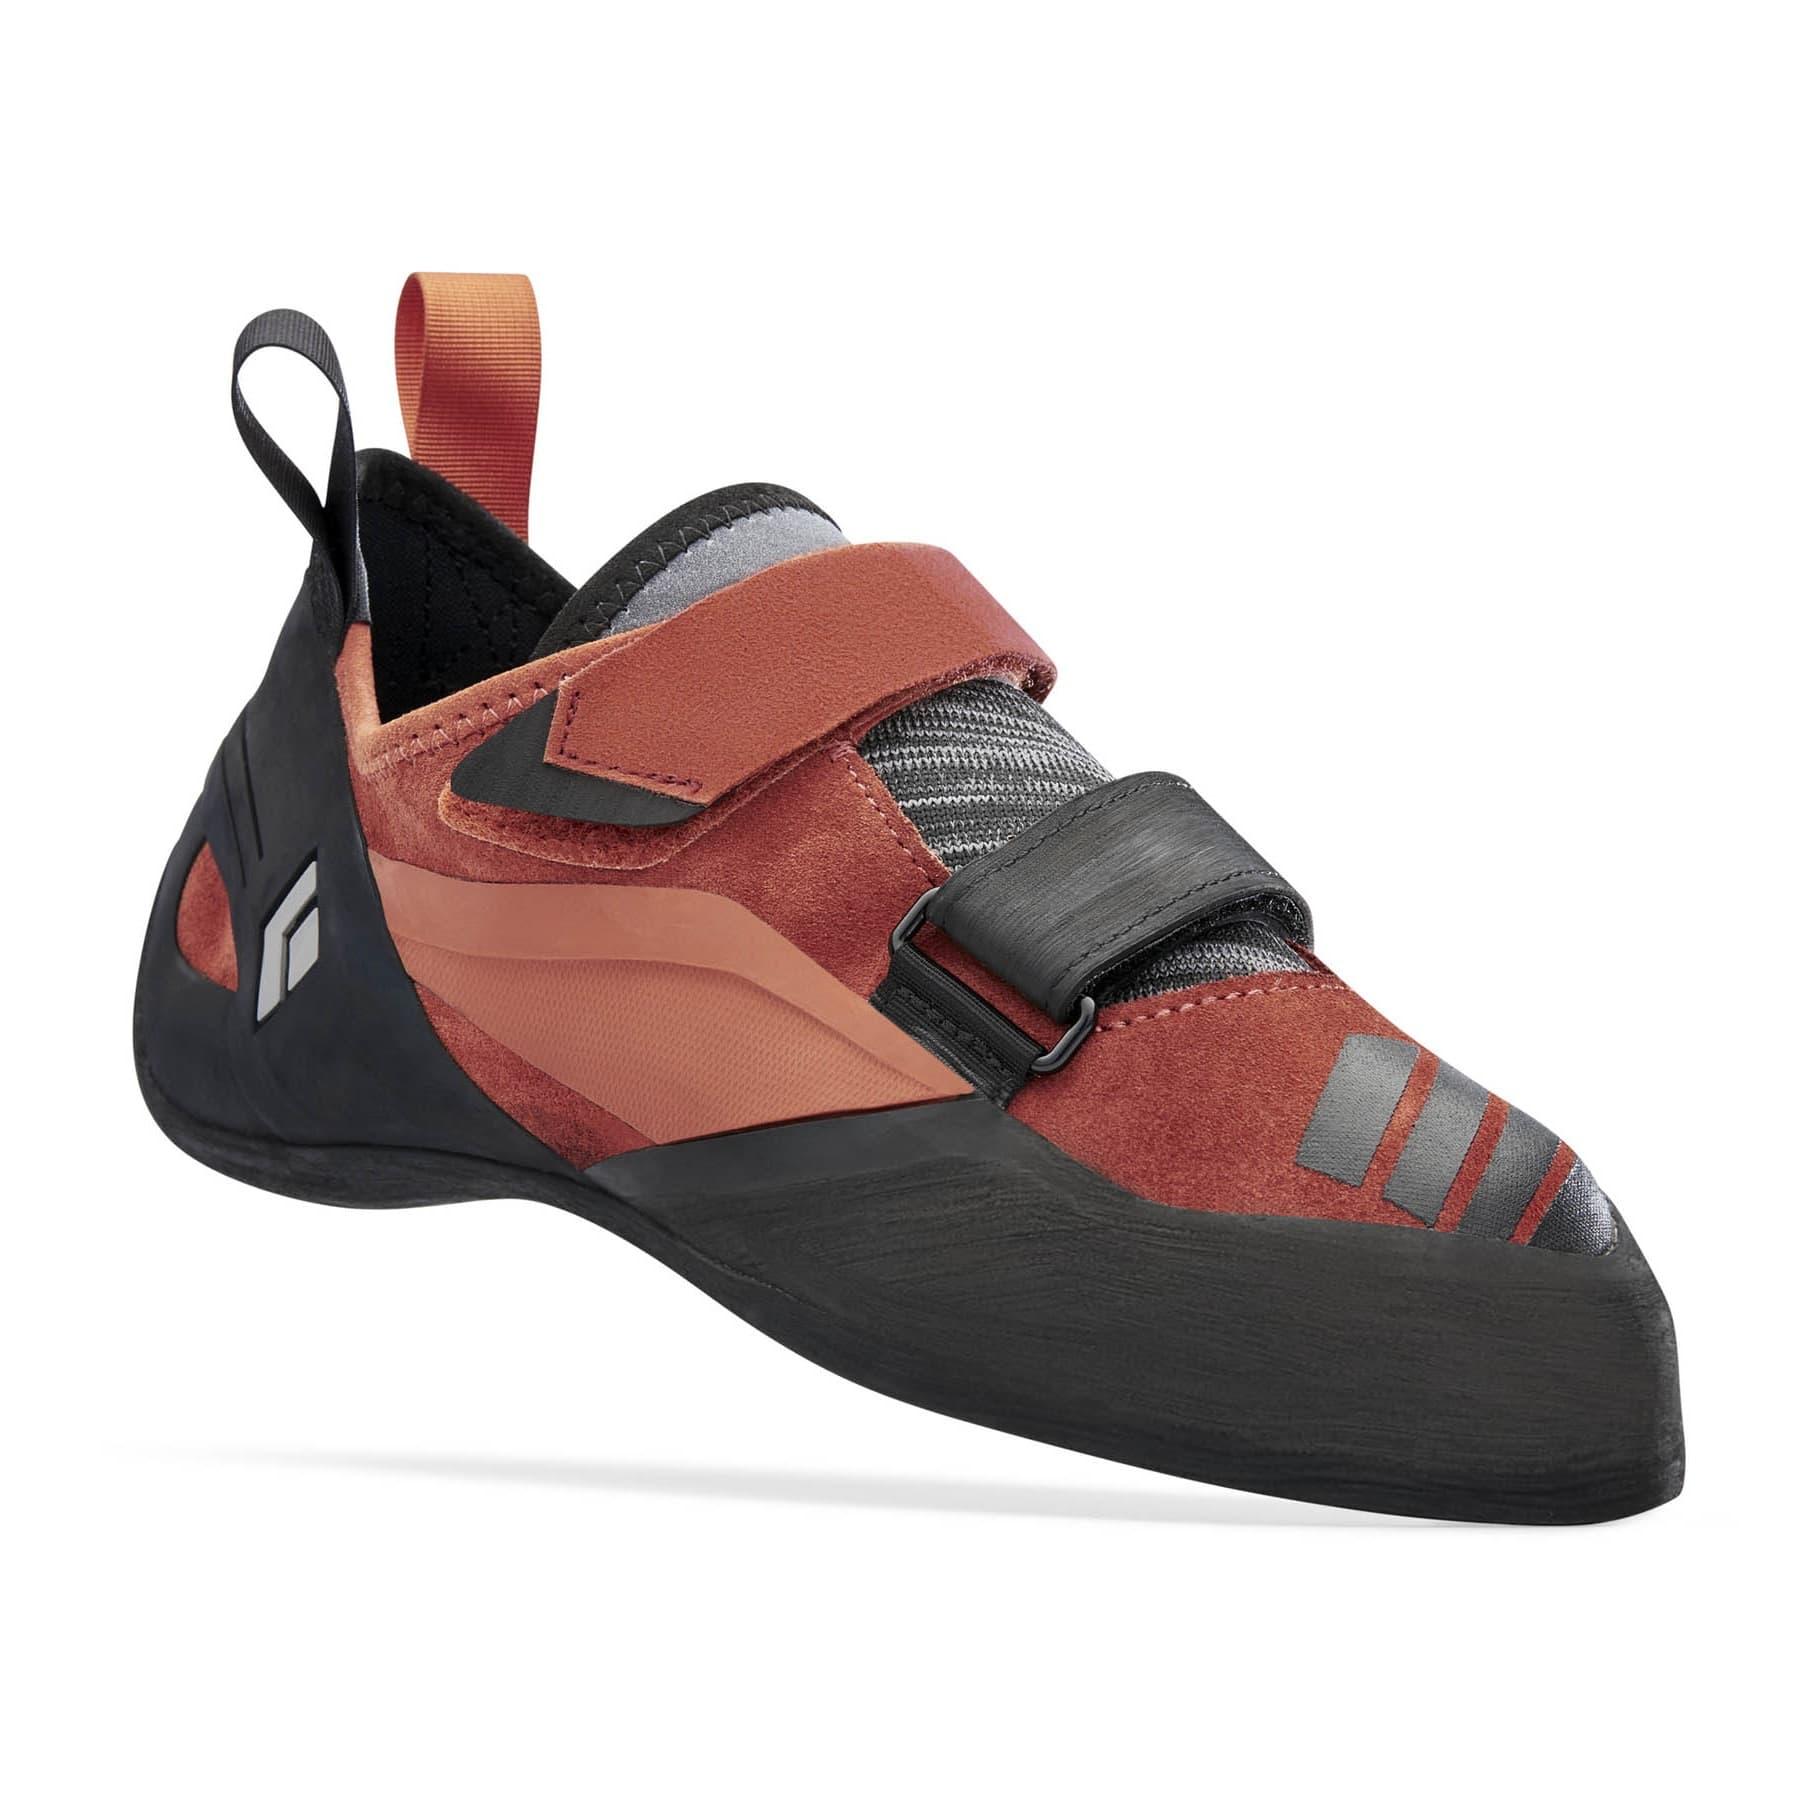 Bästa klätterskorna i test 2020 –